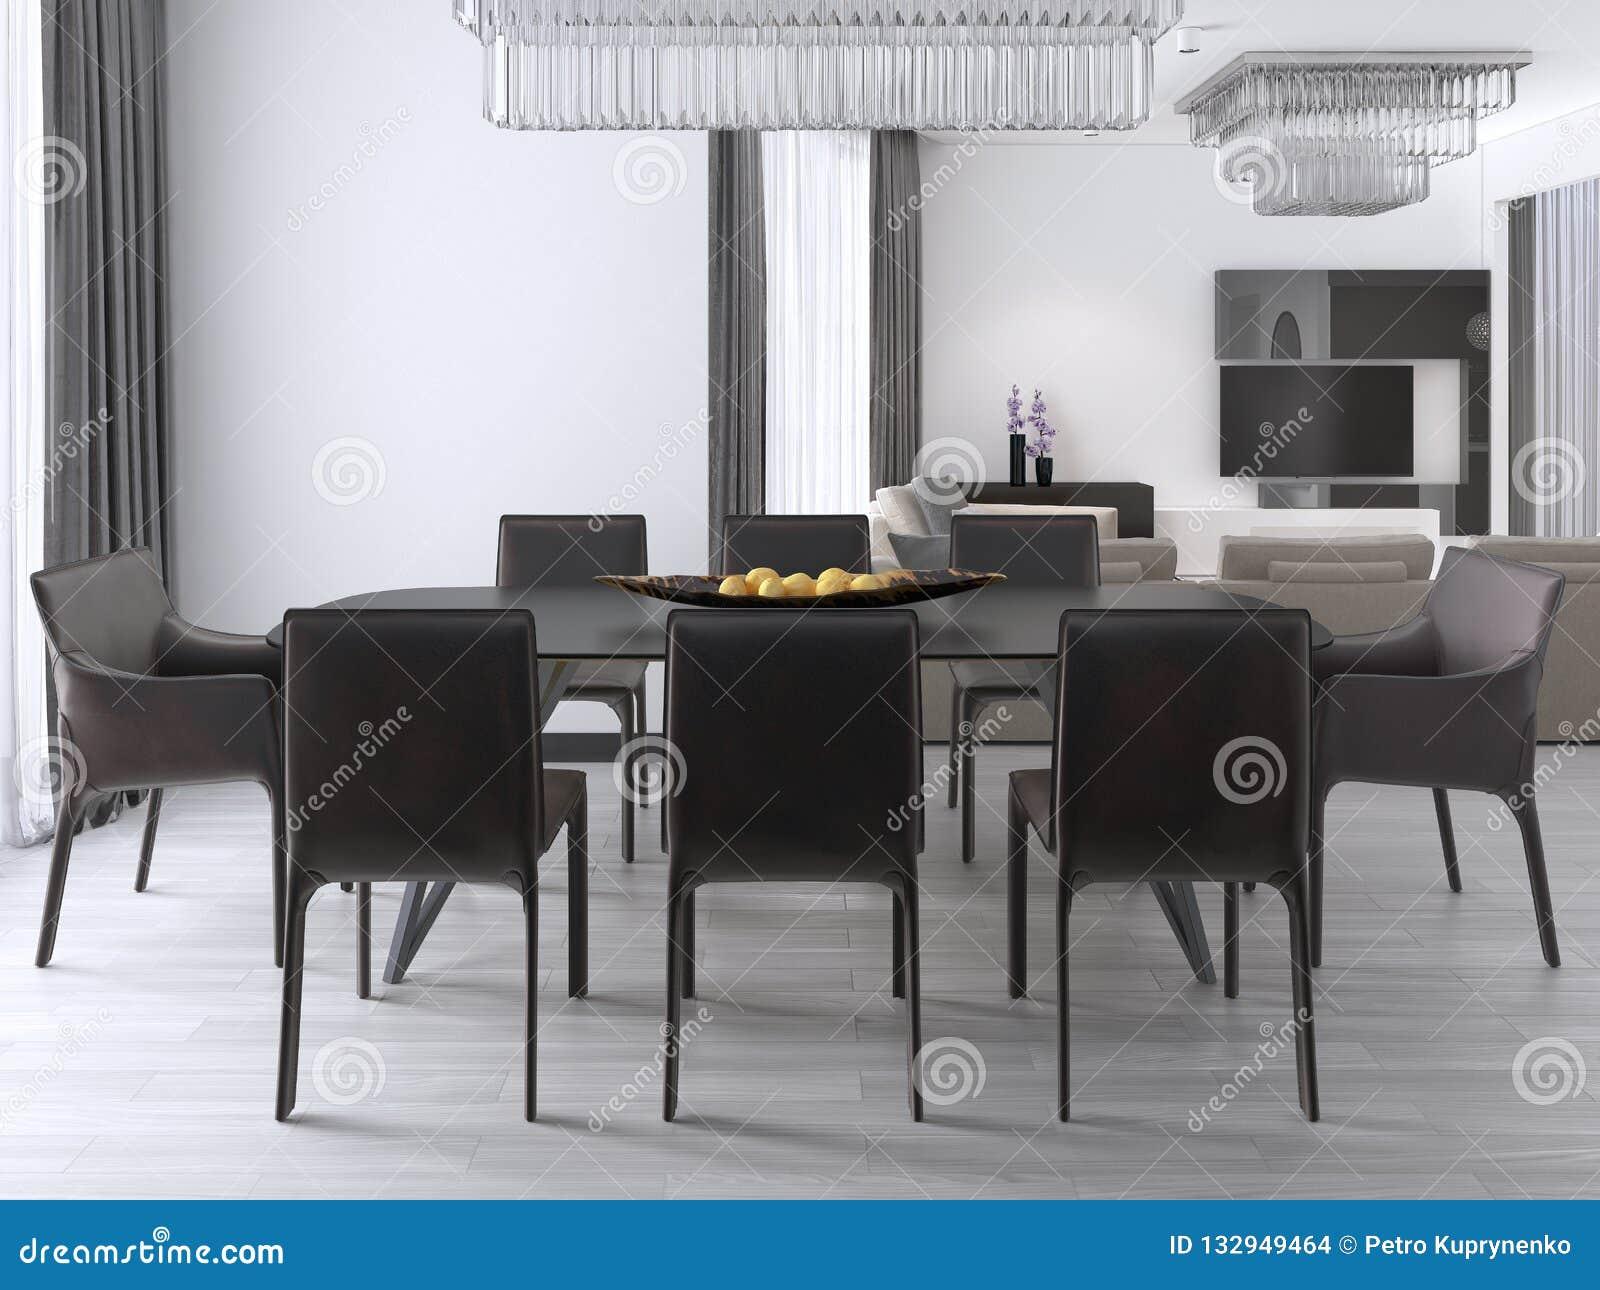 Manger Luxueuse Moderne Des Chaises Avec Table Salle À Grande Une Et 0wOk8PXnN